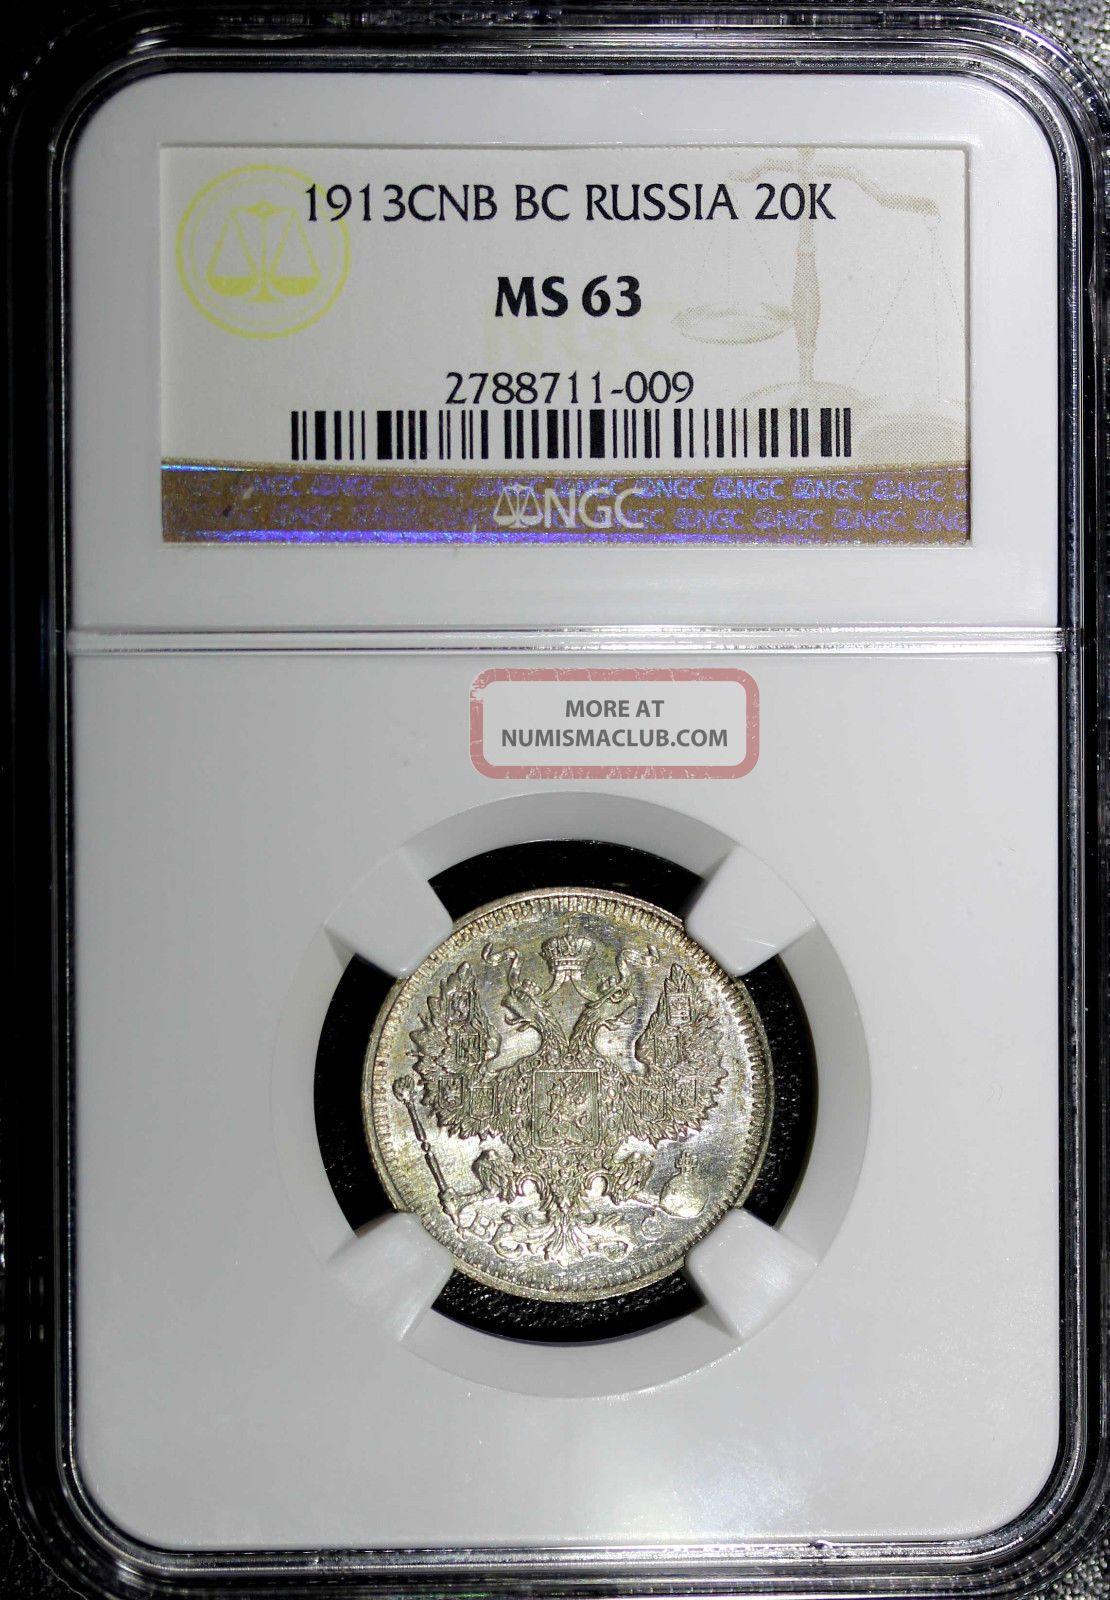 Russia Nicholas Ii,  Silver 1913 Spb Bc 20 Kopecks Ngc Ms 63 Luster Russia photo